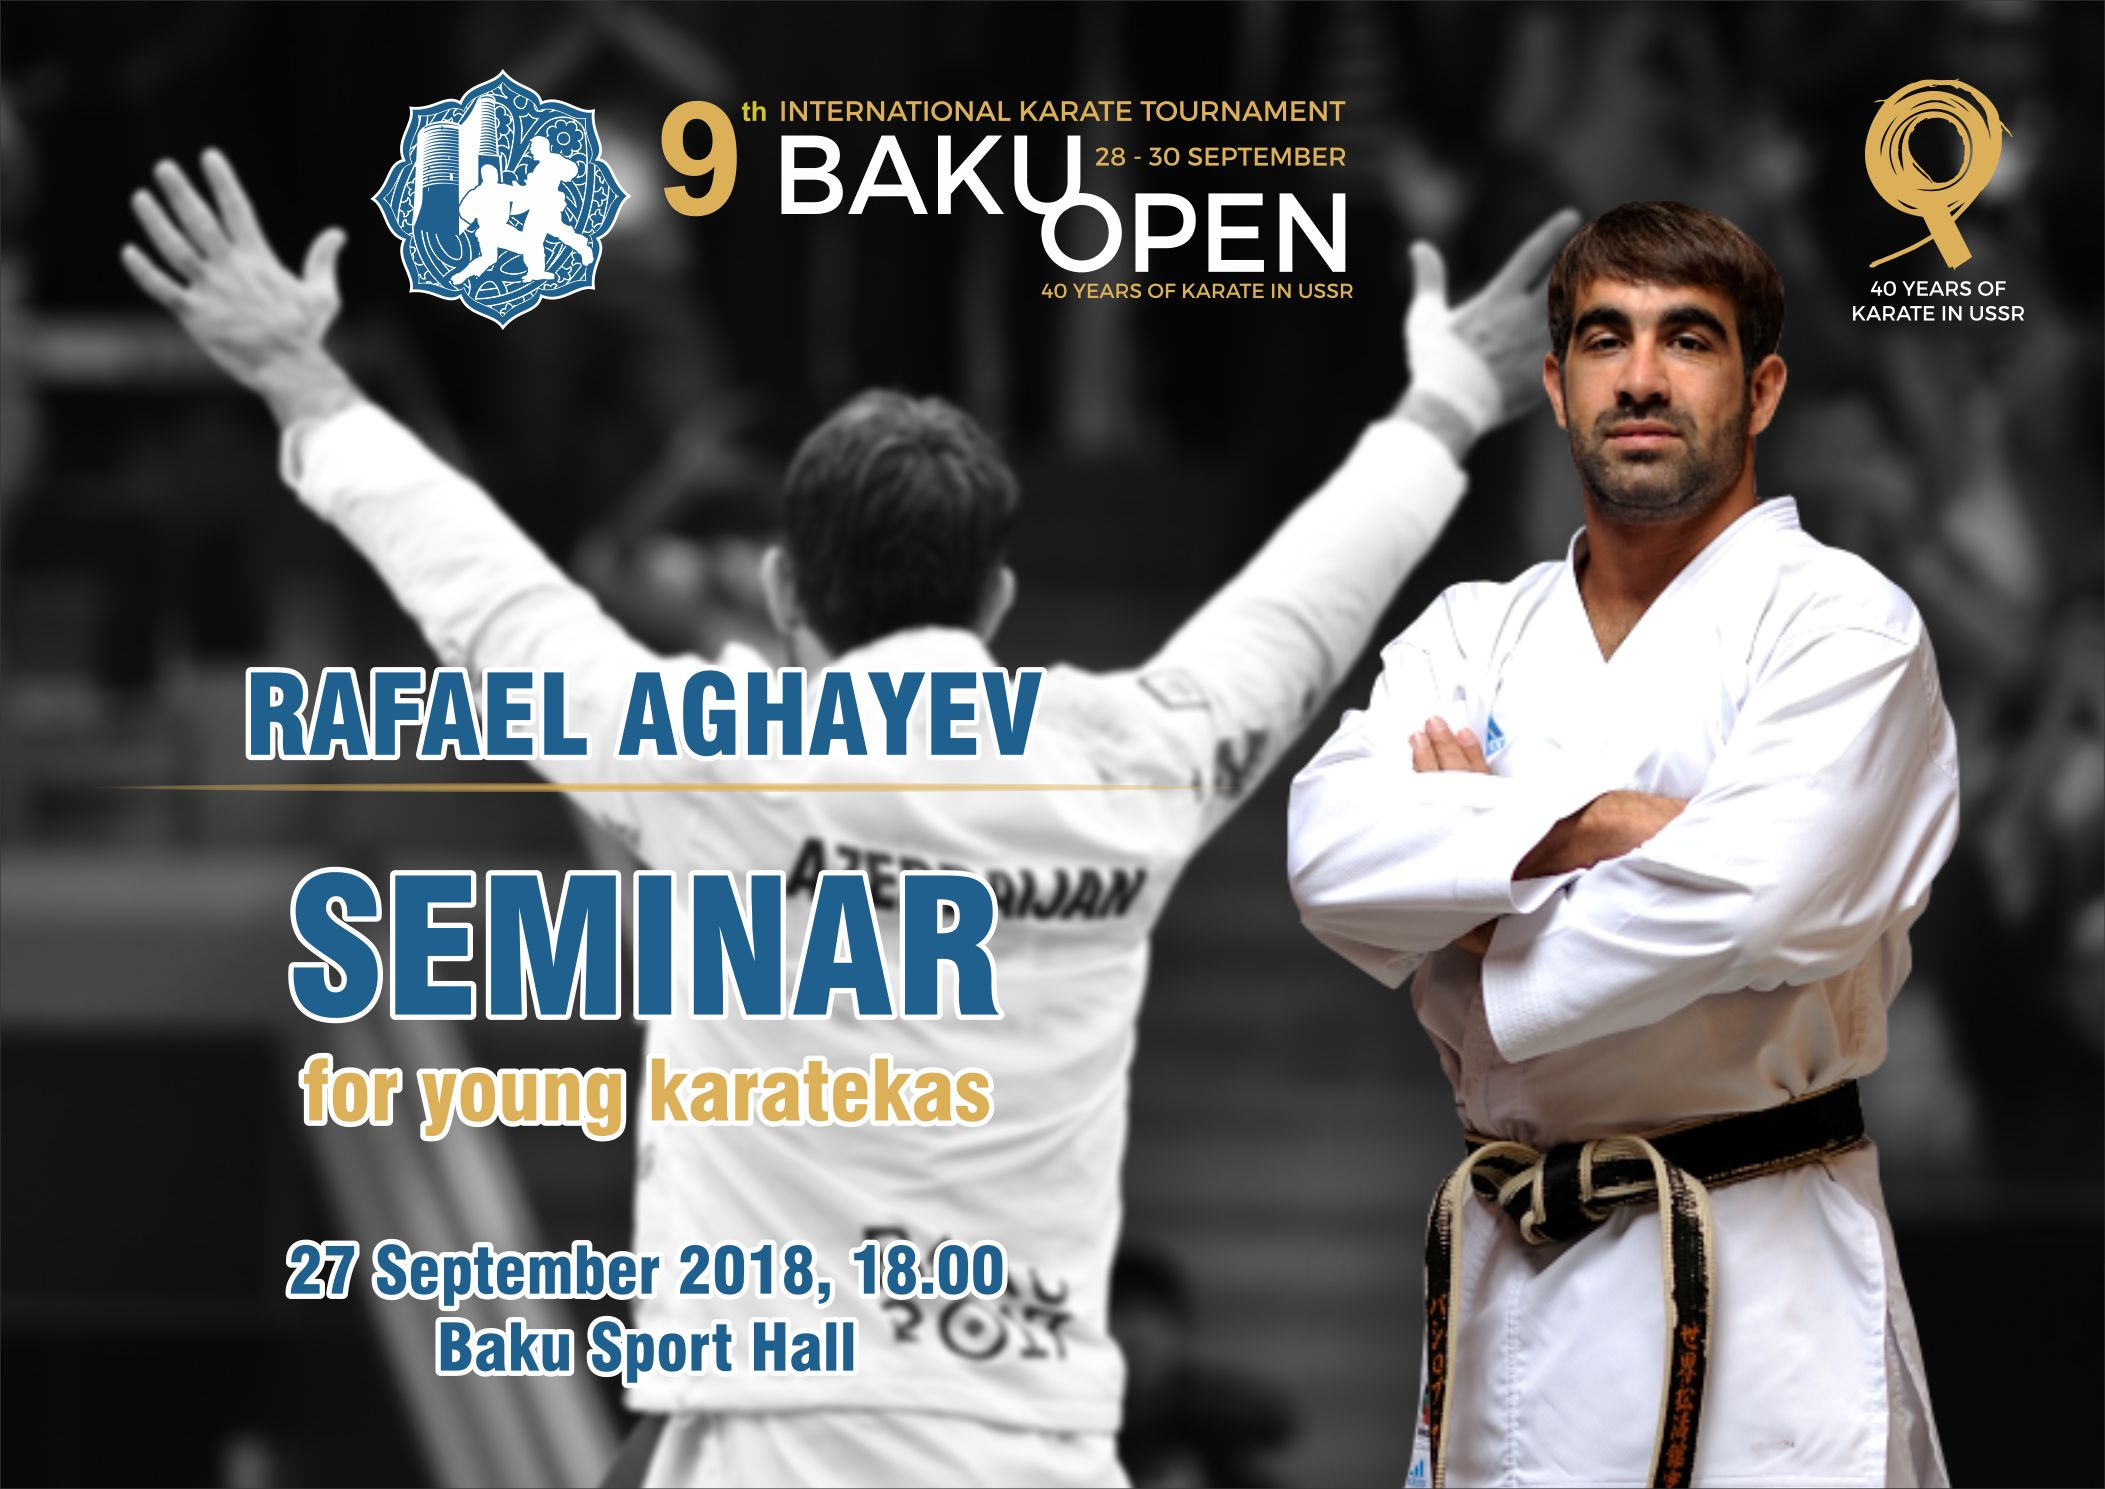 Rafael Ağayevin seminarı təşkil ediləcək